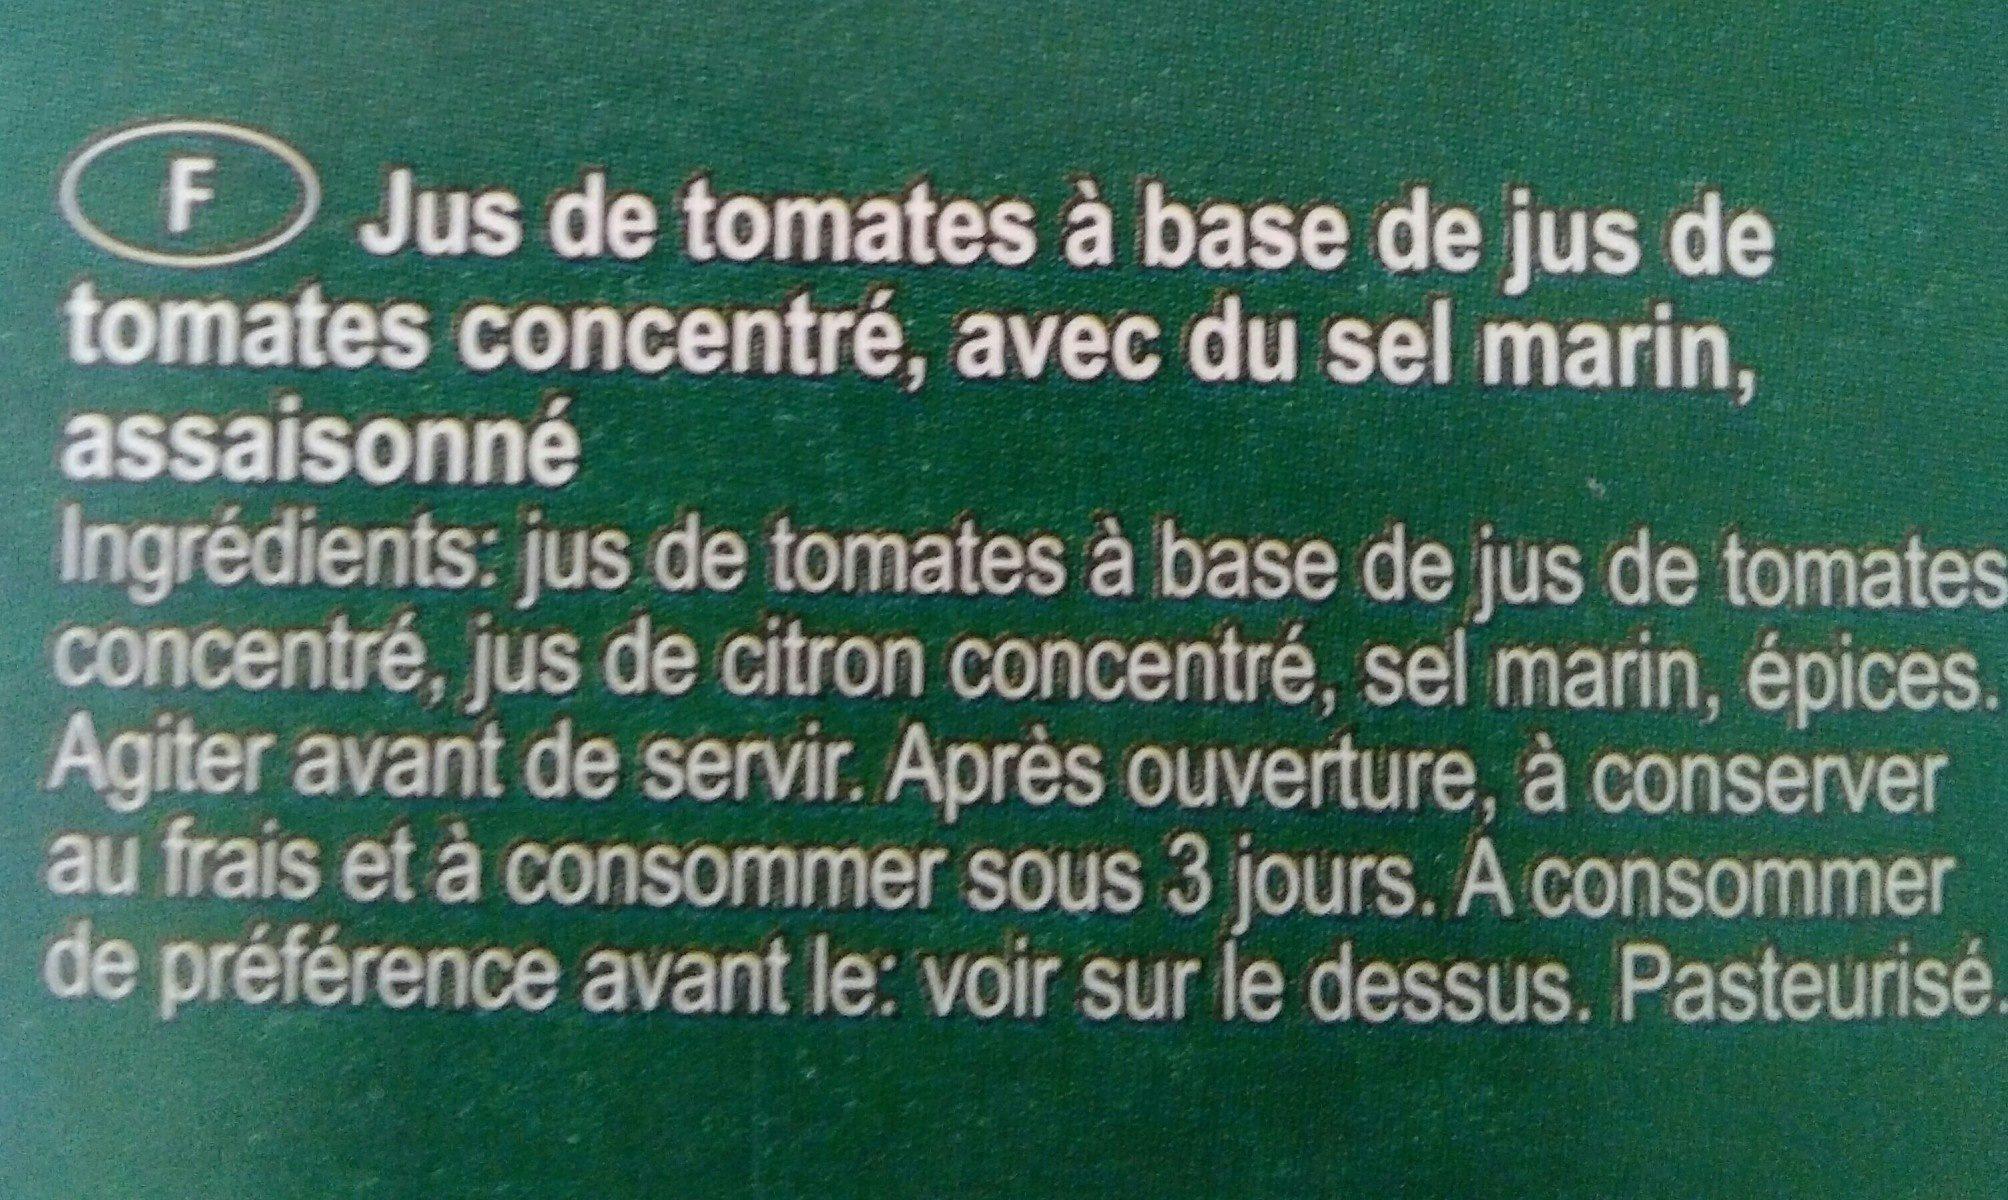 Jus de tomate - Ingredients - fr